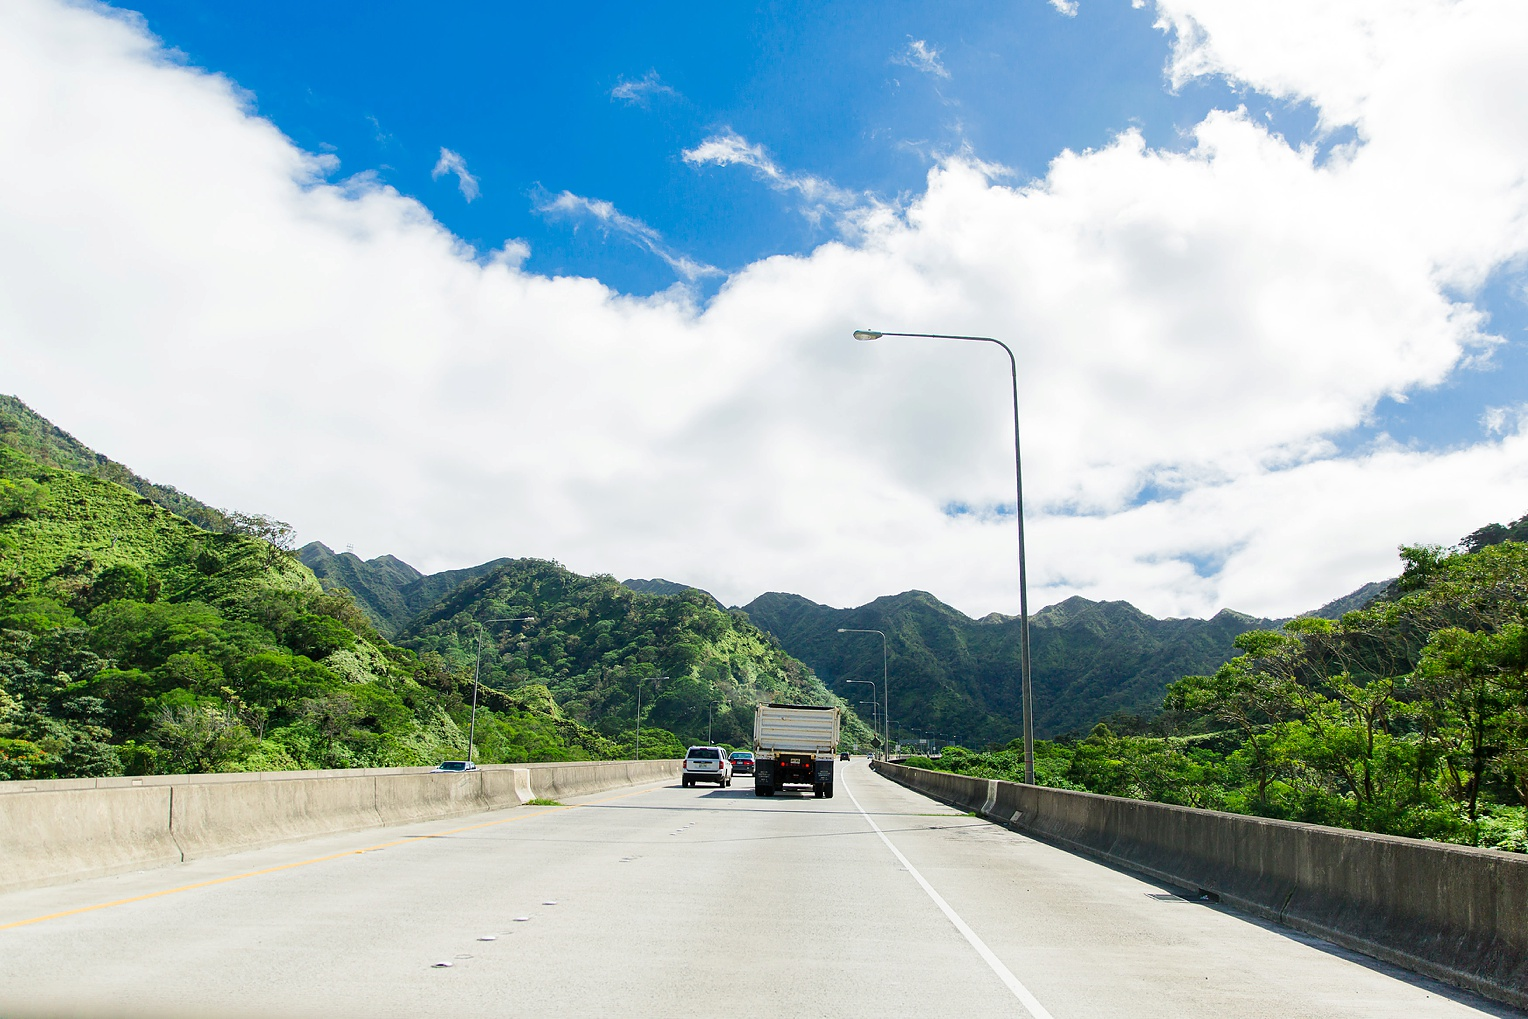 Hawaii Oahu Botanical Gardens Ko'olina Lagoon-9353.jpg